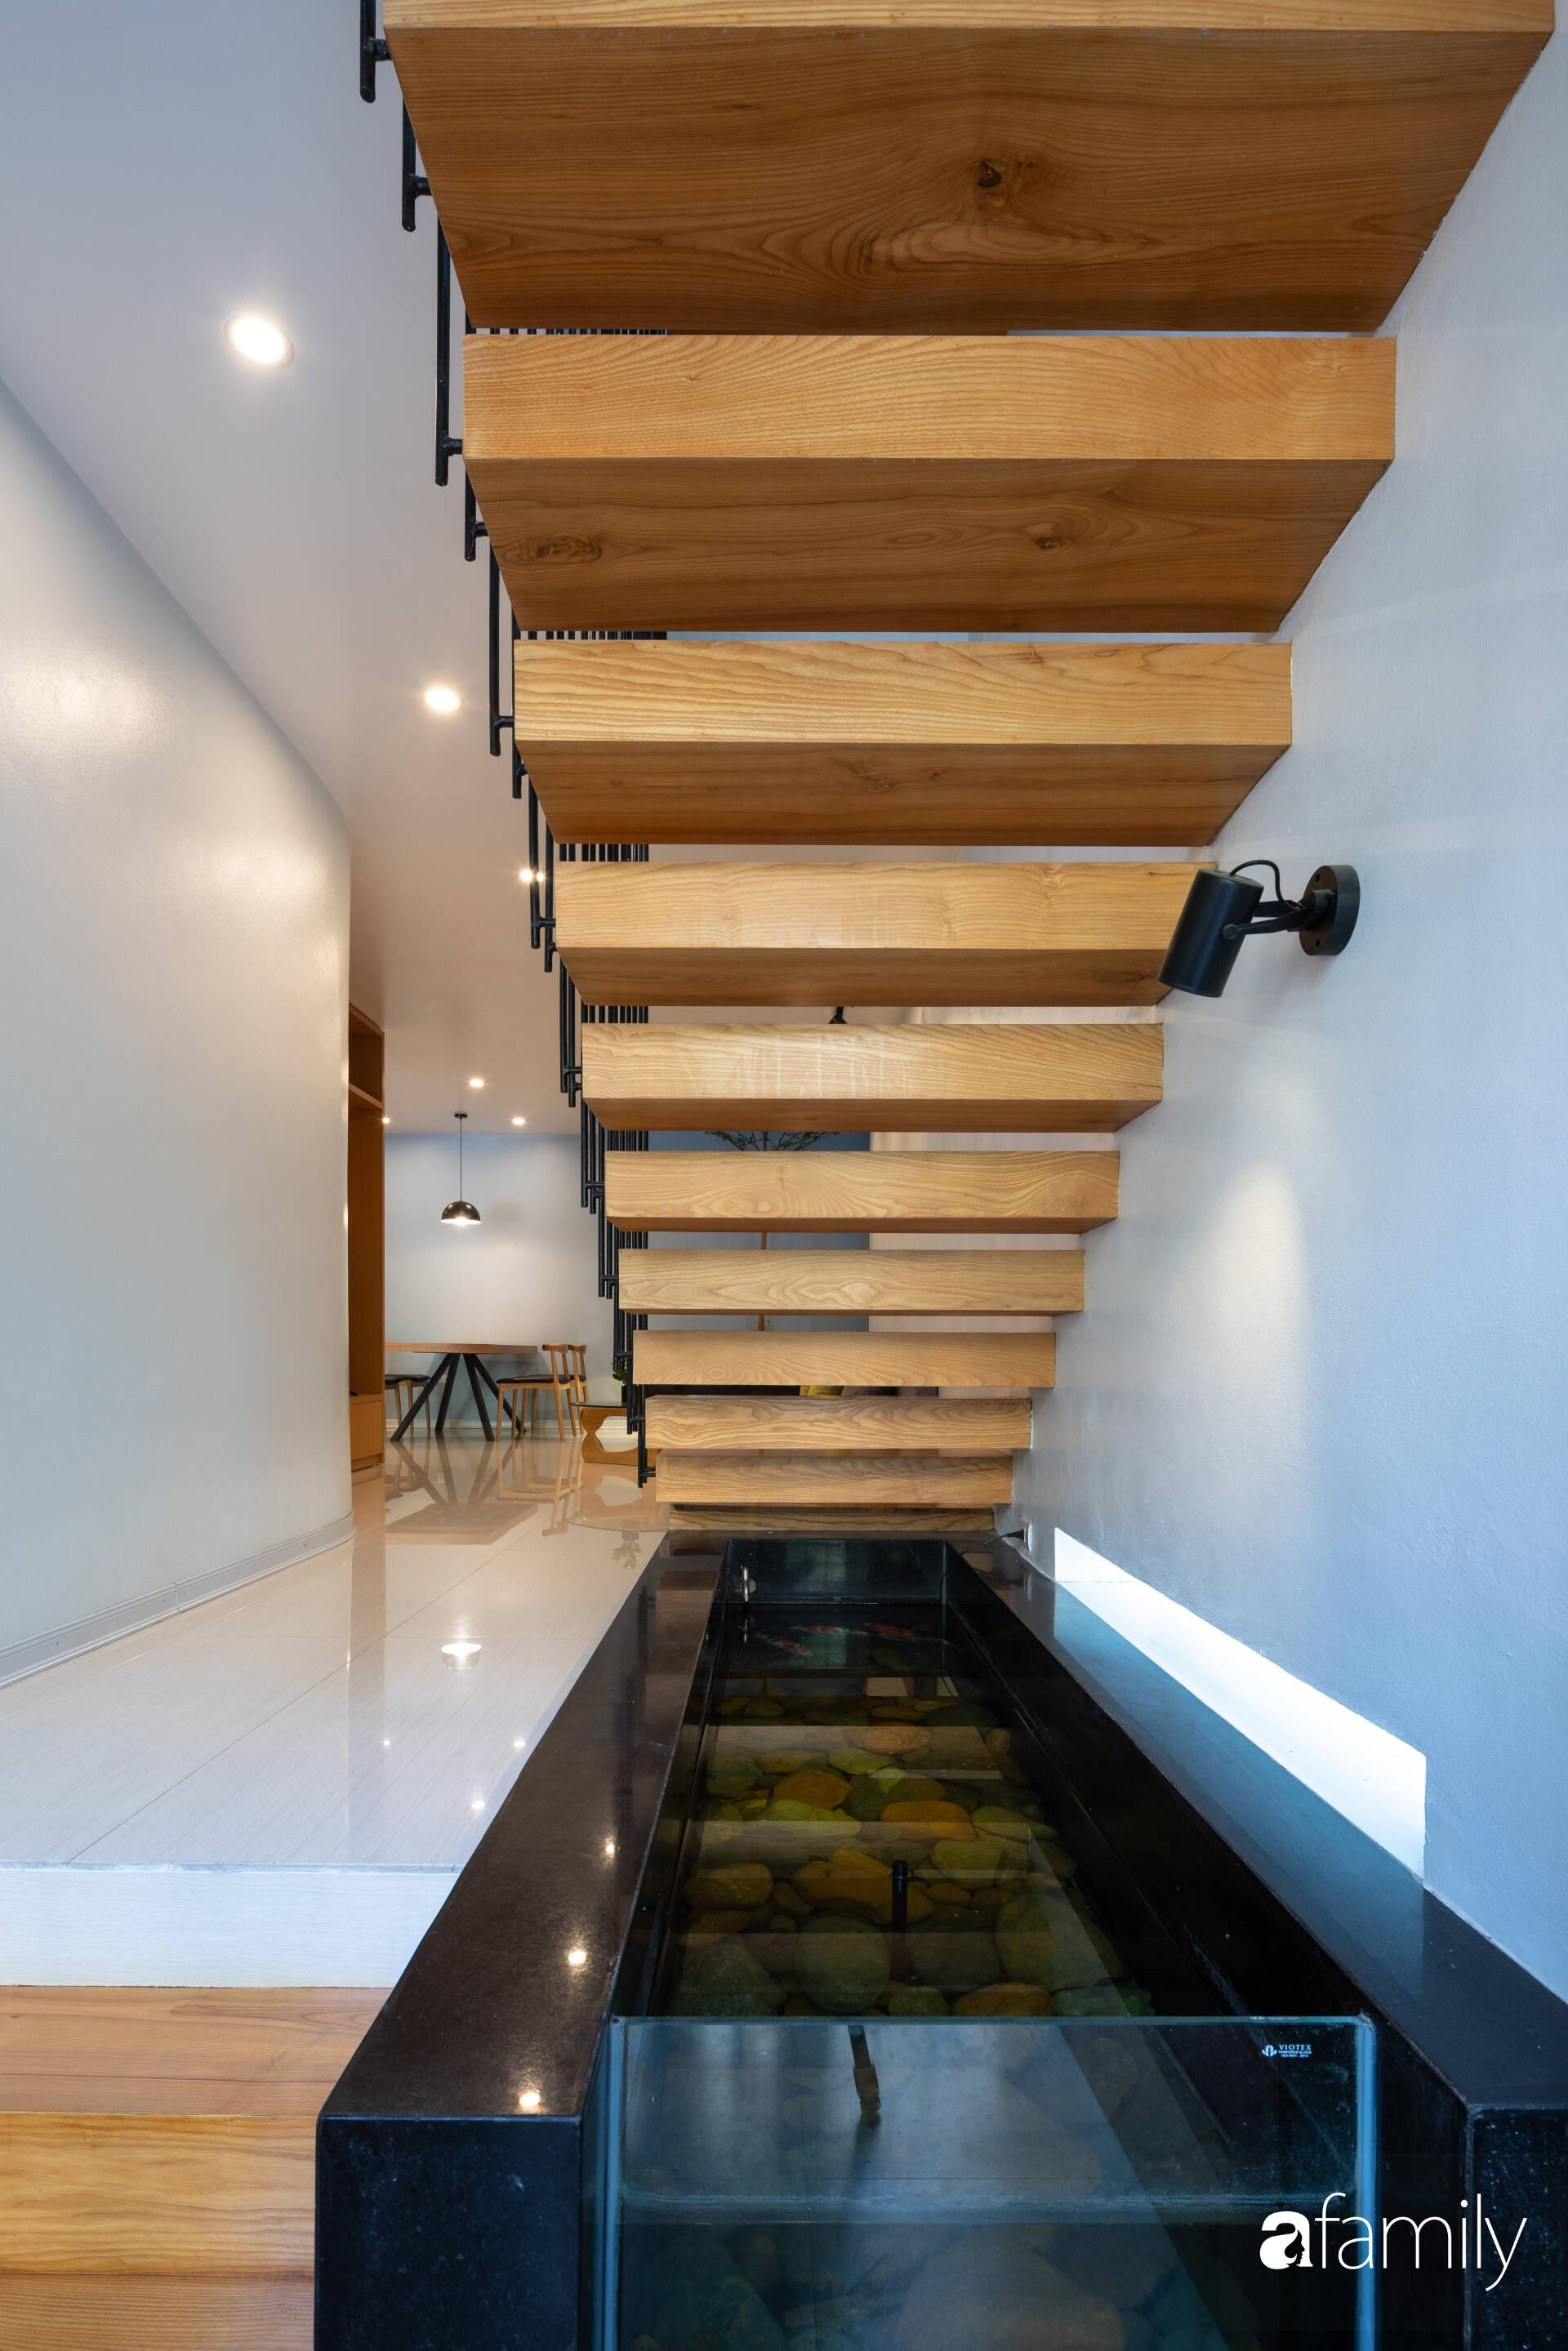 Ngôi nhà phố lấy cảm hứng từ thác nước mang đến cuộc sống an lành, thư thái cho gia đình 3 thế hệ ở Hải Dương - Ảnh 7.